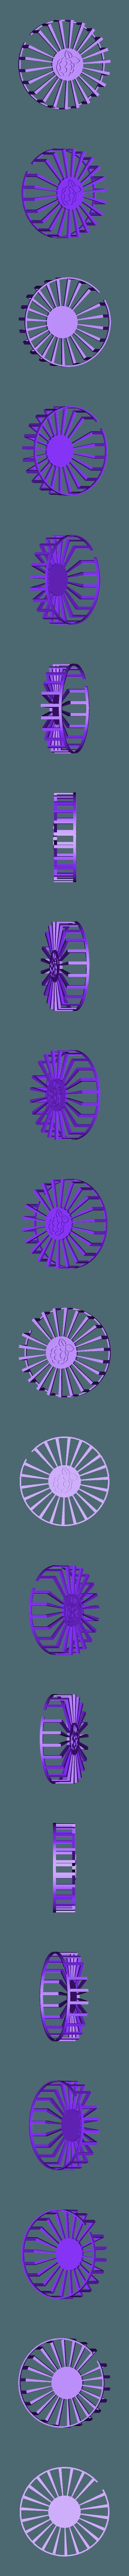 Grille.stl Télécharger fichier STL gratuit Etui Pi 4 framboise pour ventilateur • Design pour imprimante 3D, jeek25